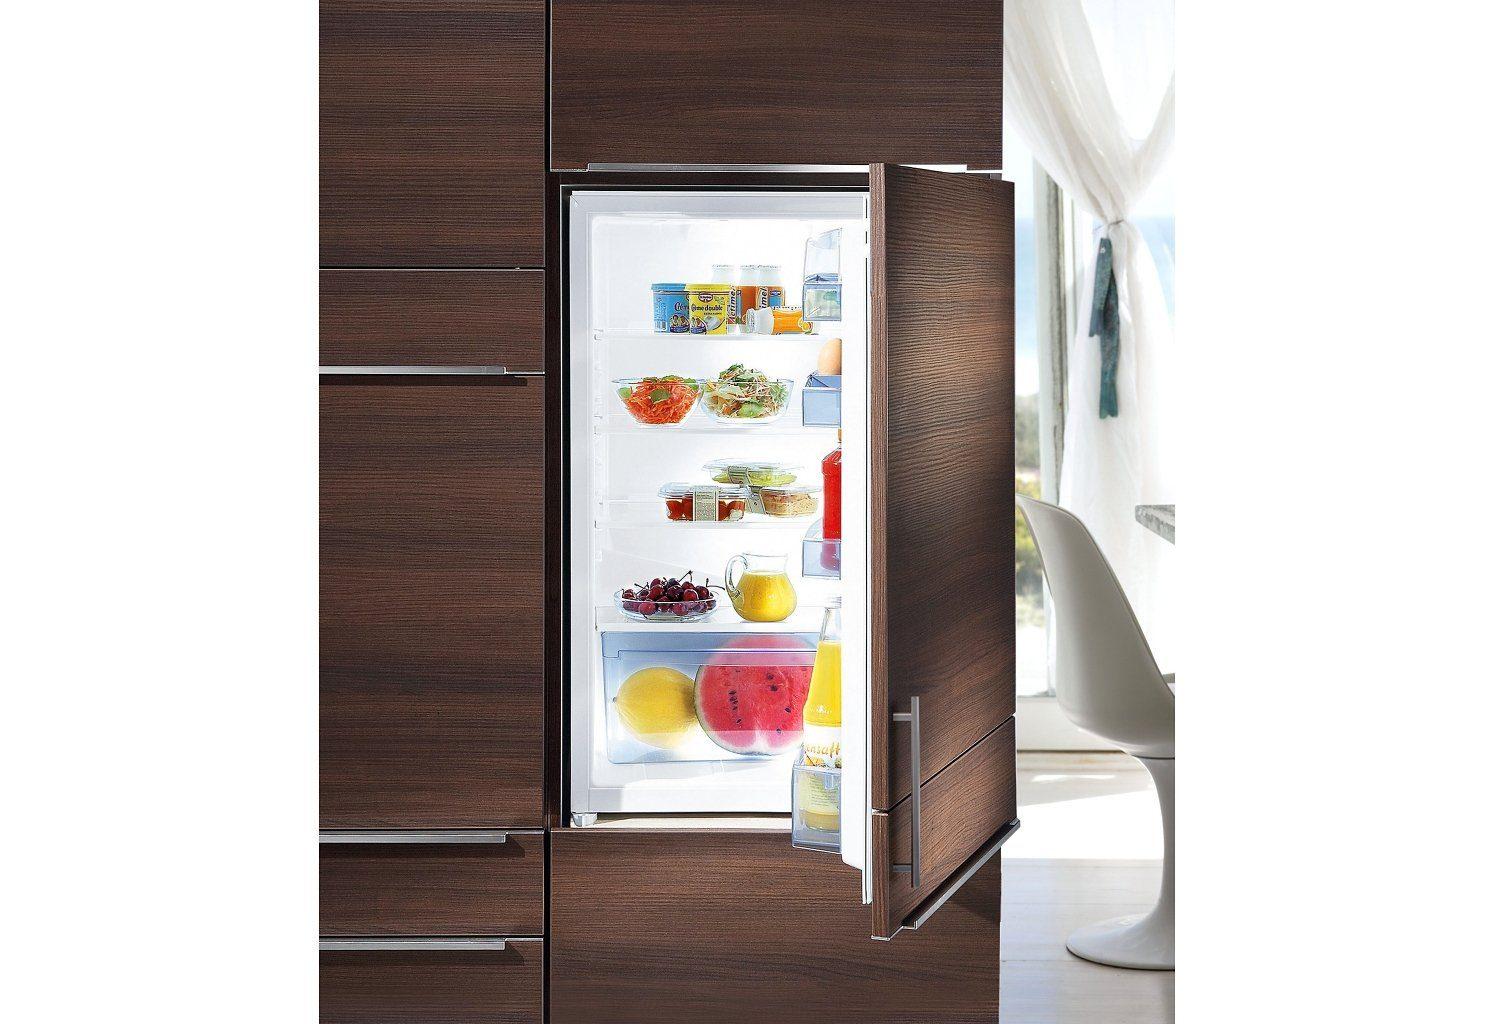 Gorenje Kühlschrank Unterbaufähig : Gorenje einbaukühlschrank ri aw cm hoch cm breit